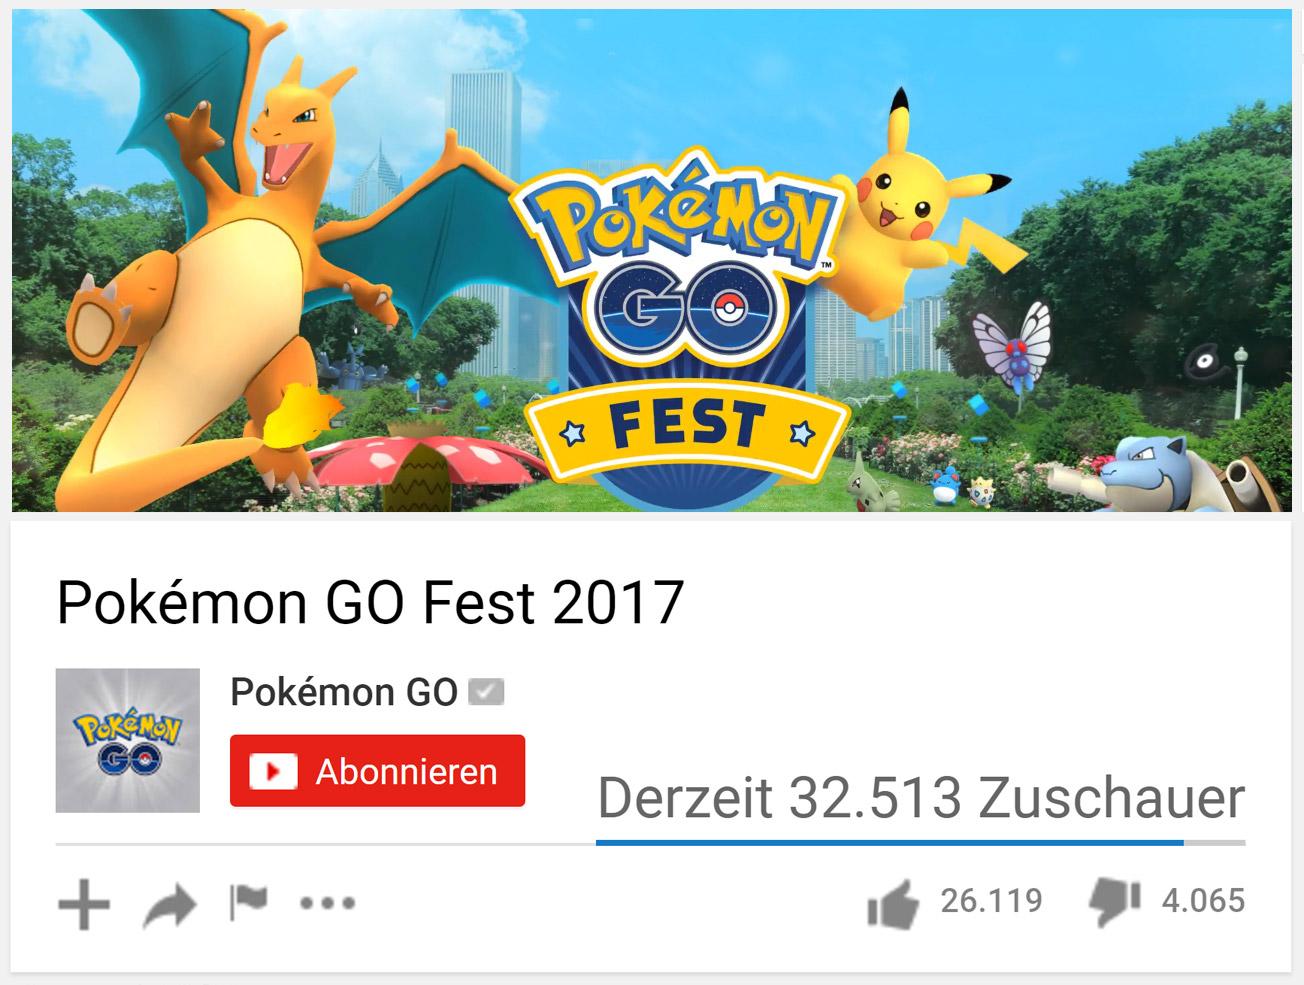 Pokémon GO Fest: Die ultimative Zusammenfassung – Spieletrend